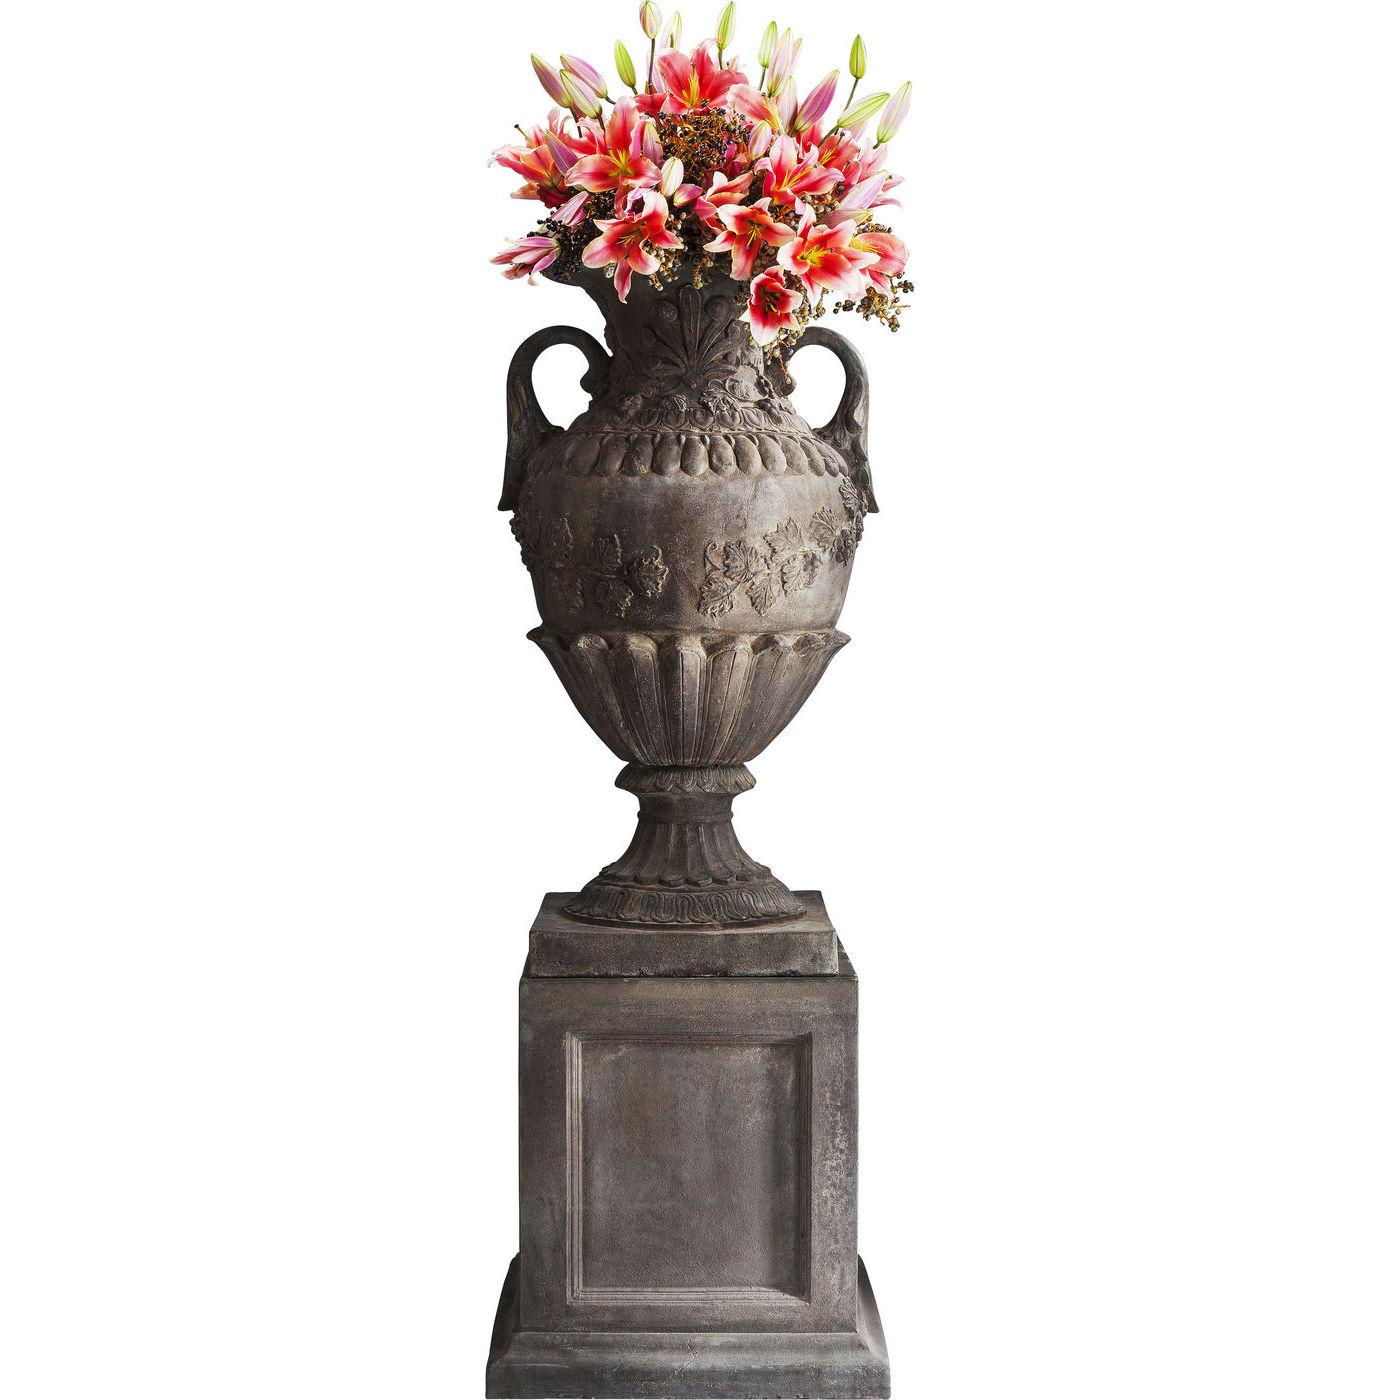 Billede af Kare Design Big Vase